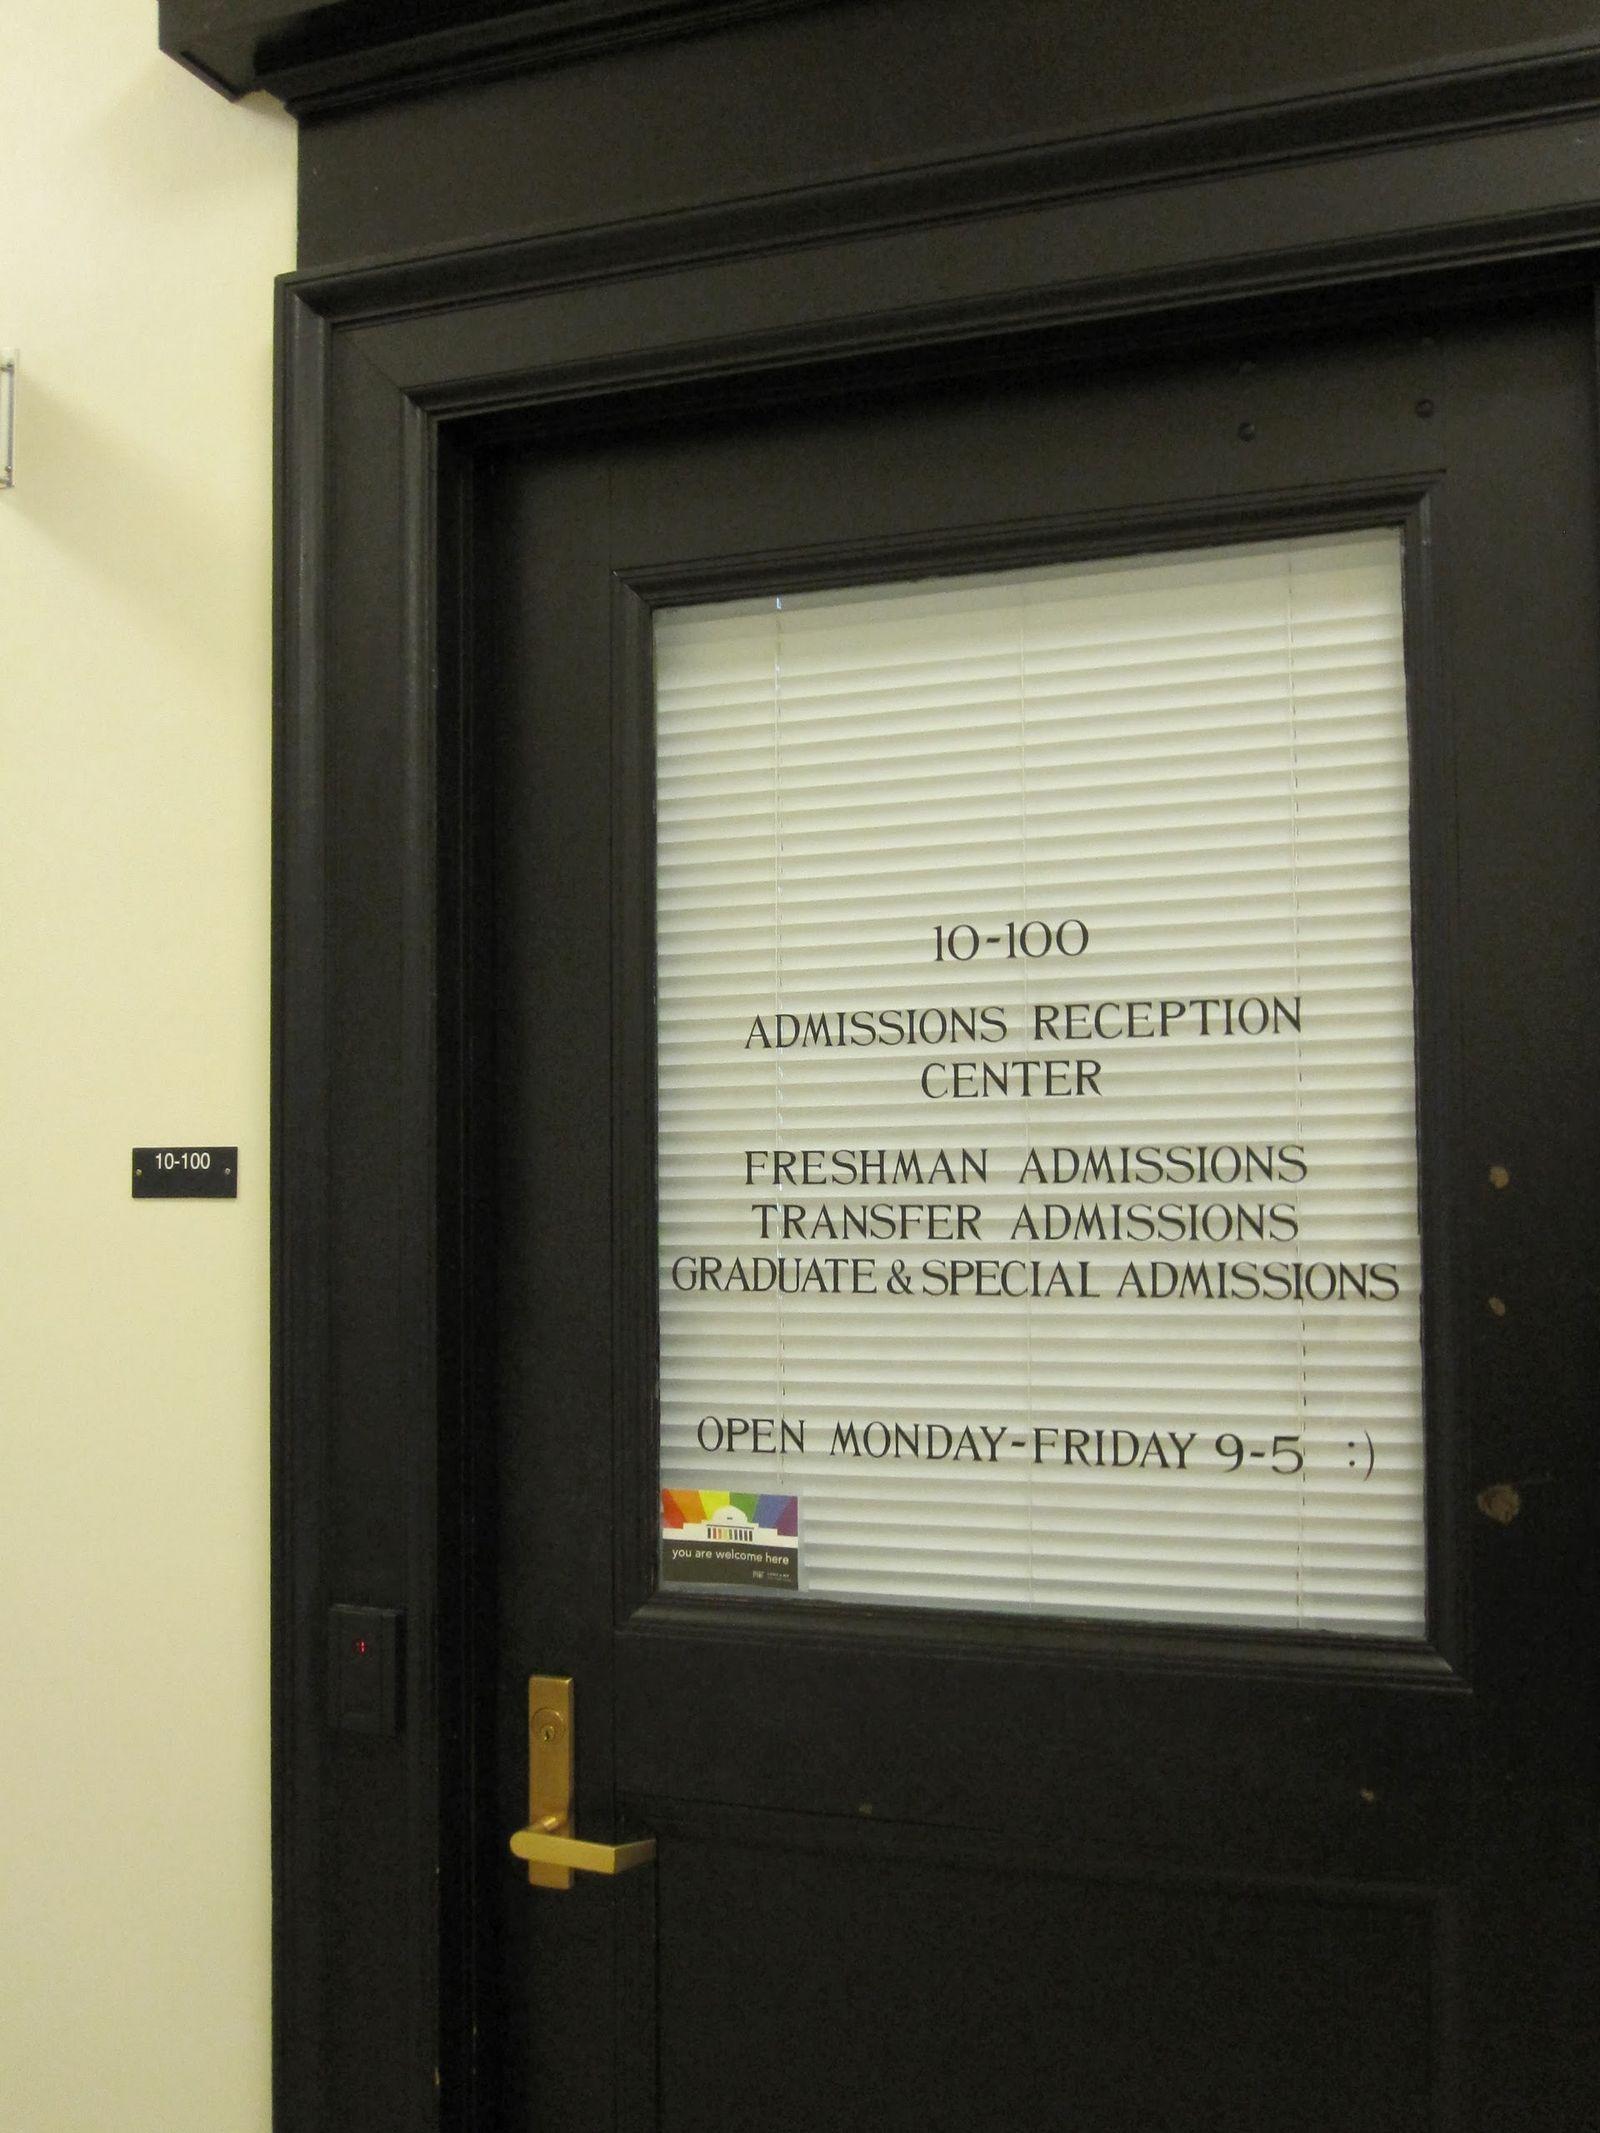 Oficina de admisiones, ojo al detalle del emoticono final